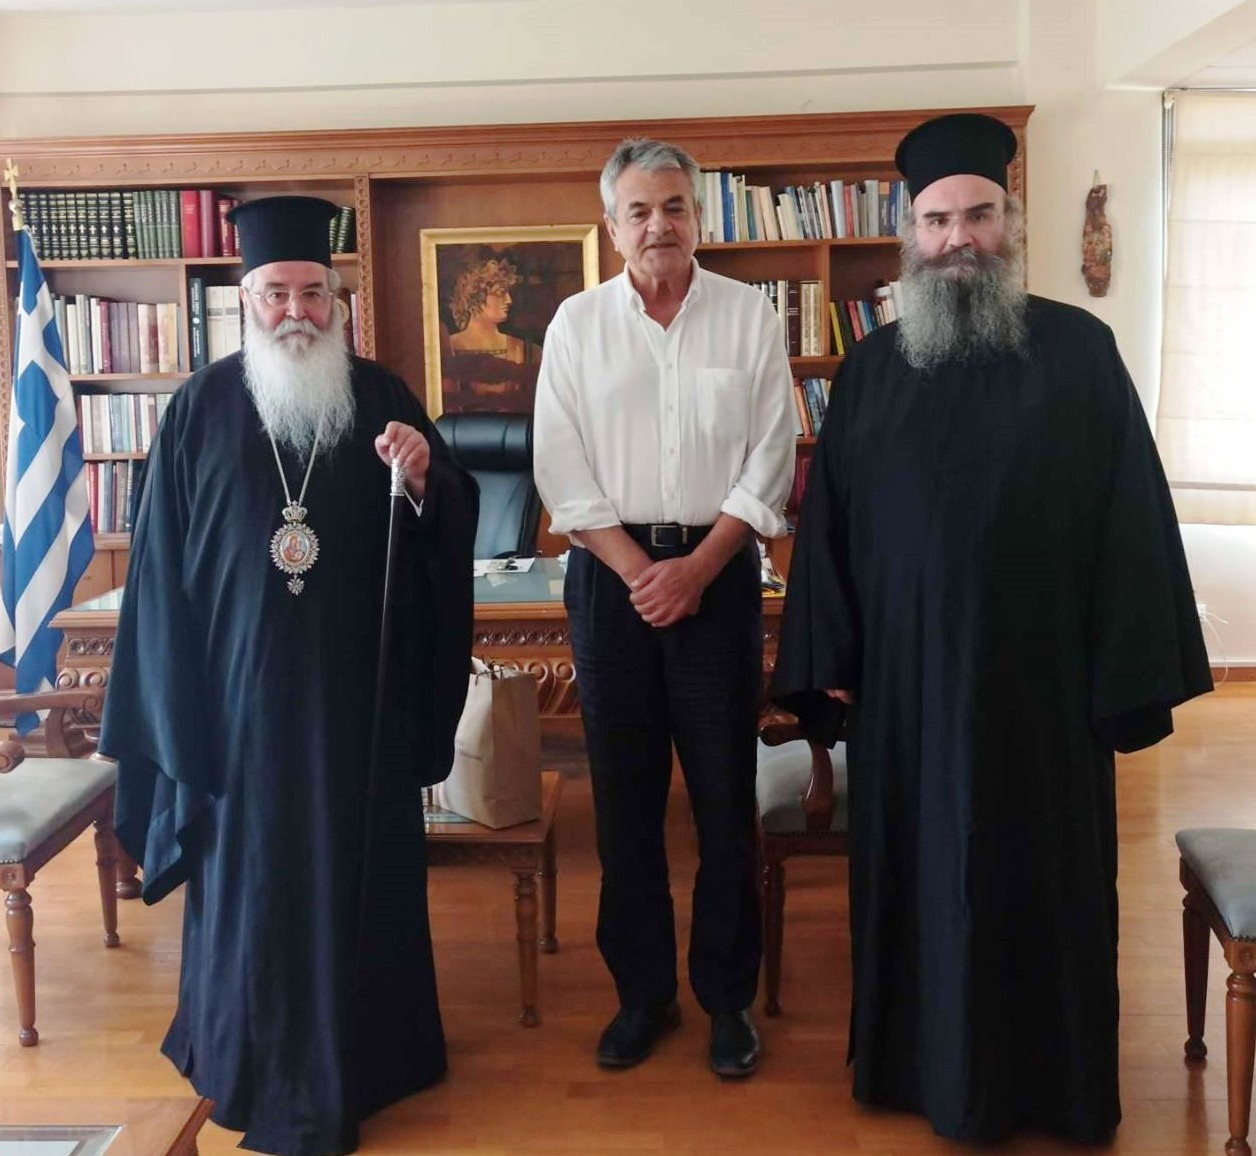 Επίσκεψη του Σεβασμιωτάτου Μητροπολίτη Σερβίων και Κοζάνης κ.κ.Παύλου στον Αντιπεριφερειάρχη Π.Ε. Κοζάνης